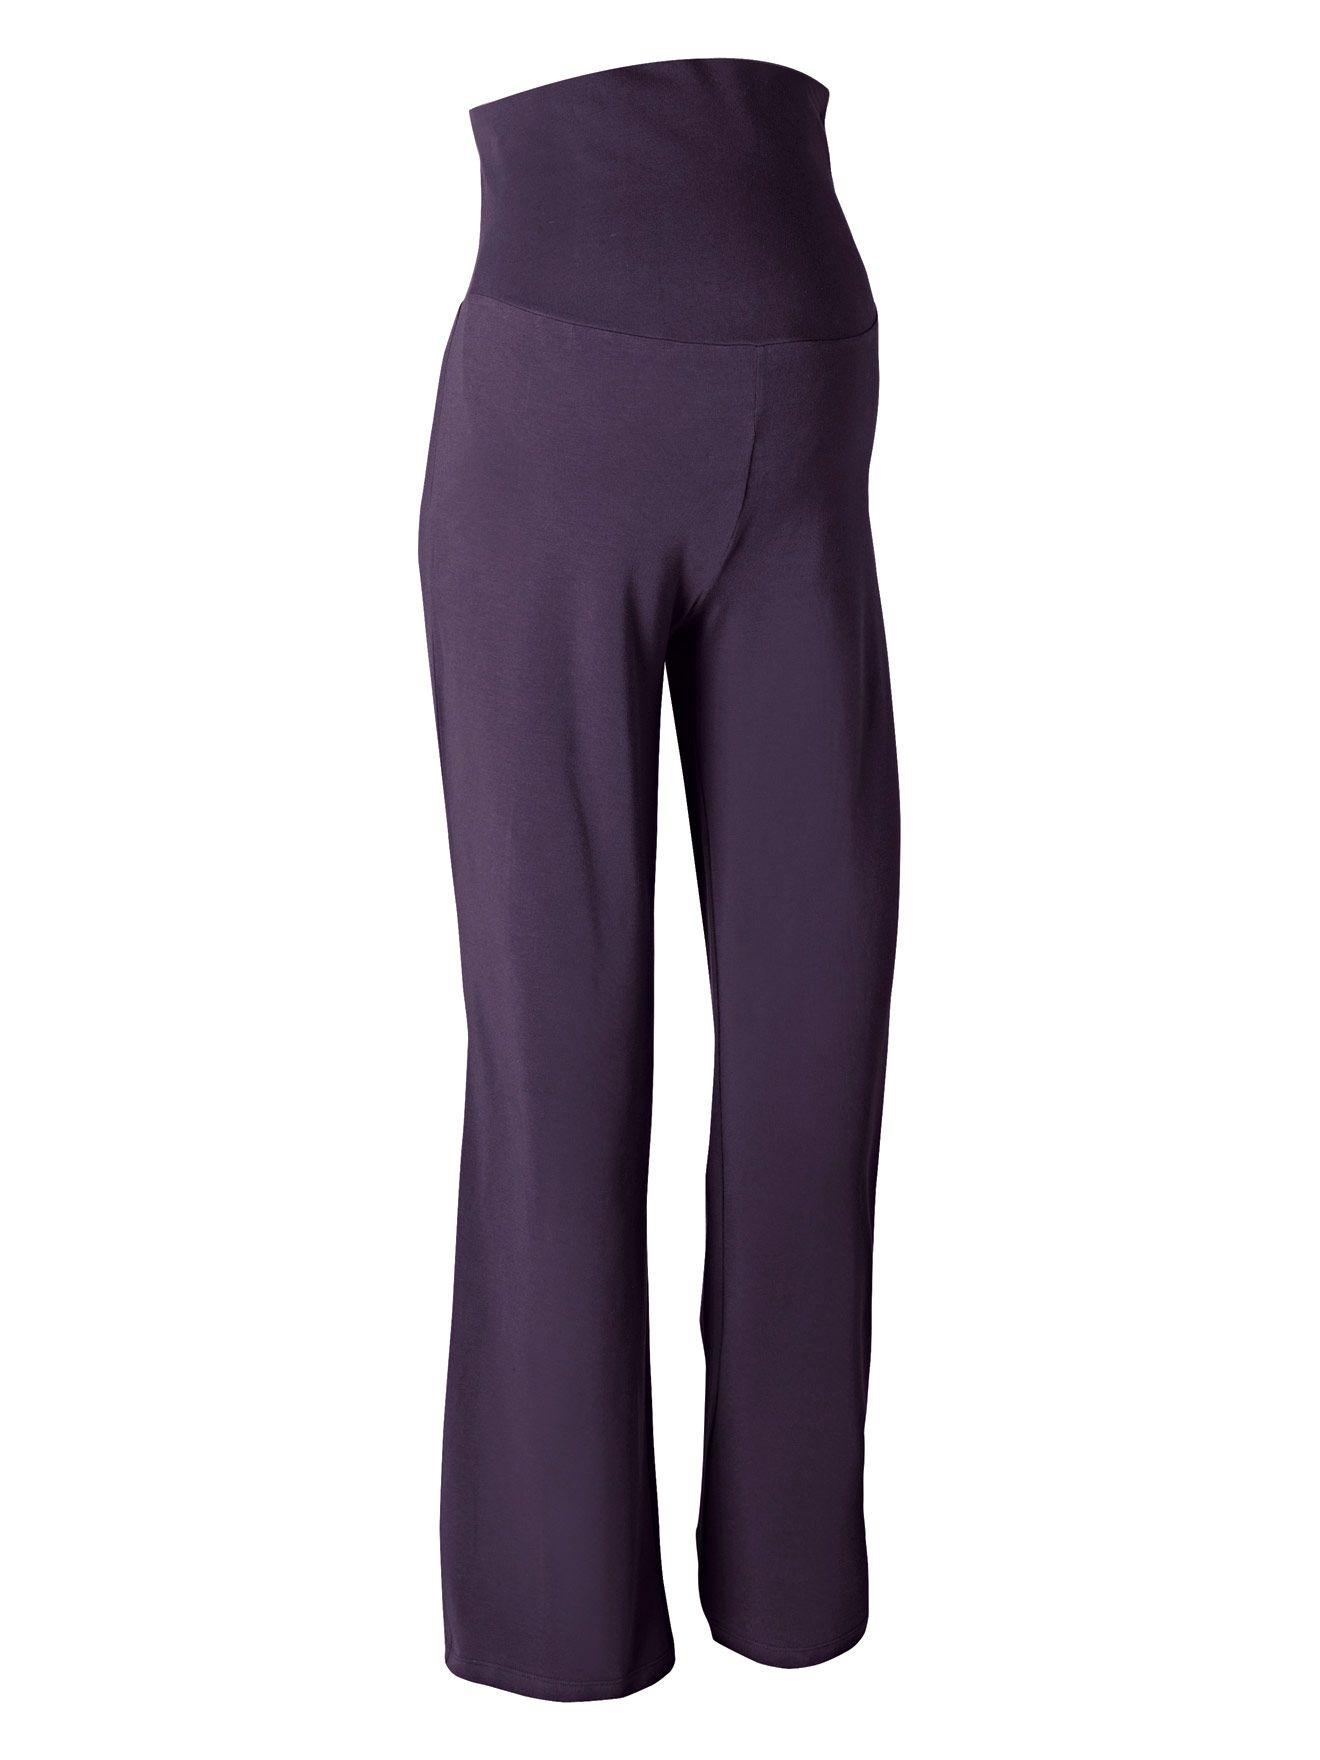 Pantalon de grossesse Yoga coton Bio COLLINE